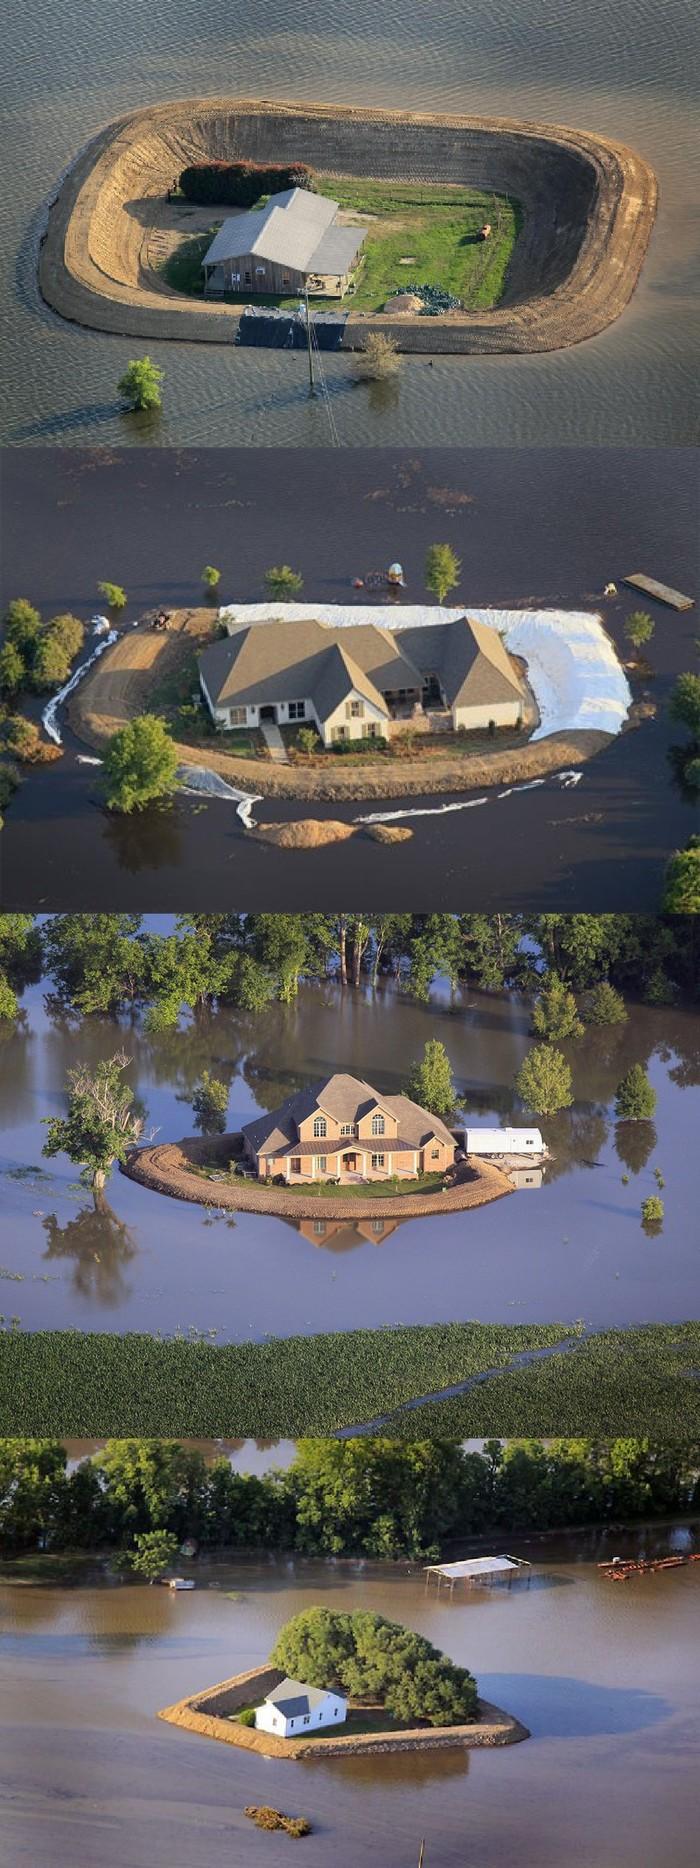 Самодельные дамбы во время наводнения Дамба, Наводнение, Фотография, Длиннопост